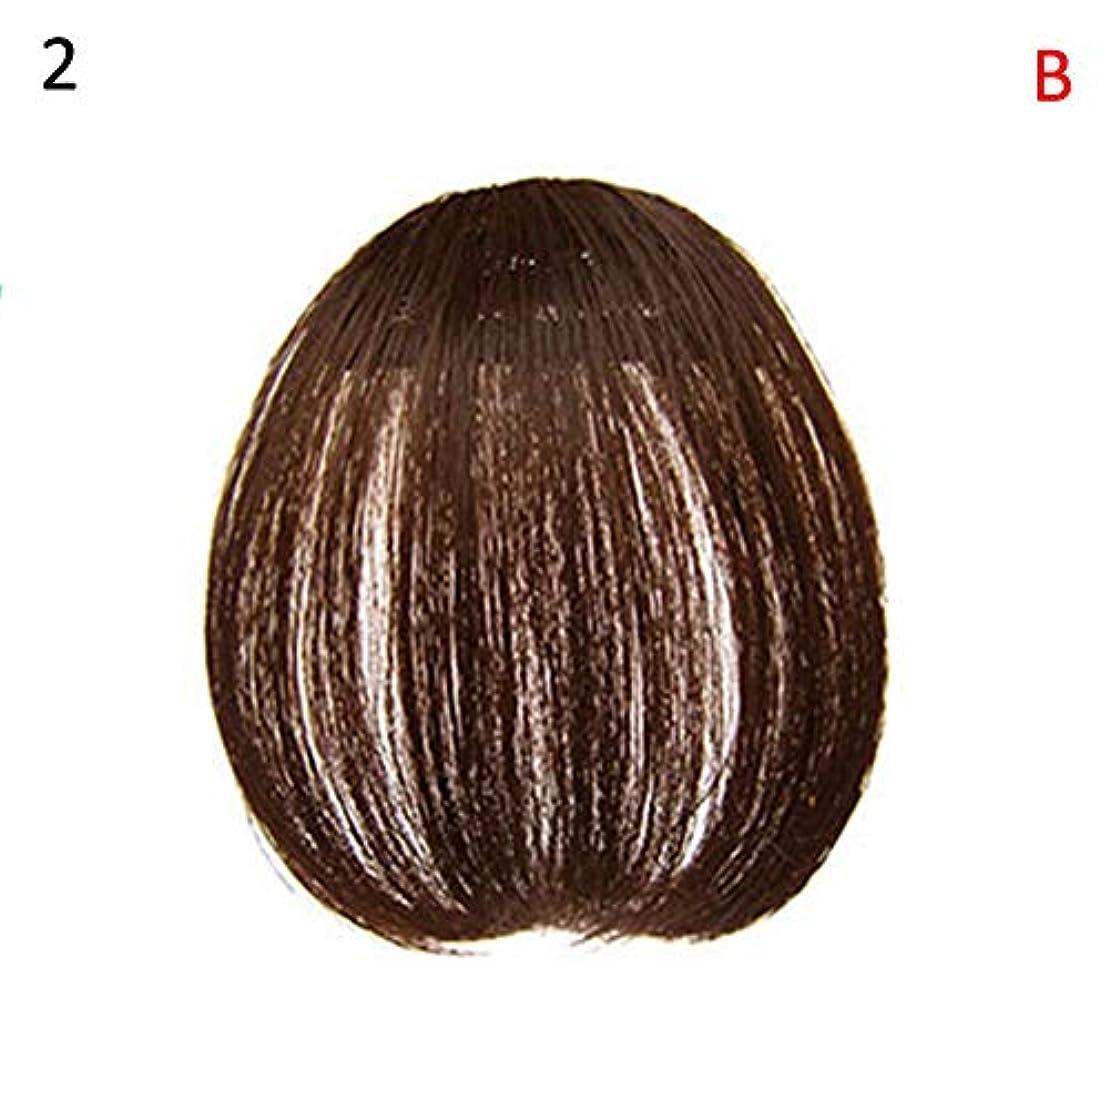 挽く傾向がある豆slQinjiansav女性ウィッグ修理ツールファッションレディース薄いクリップオンエアバンフロントフリンジウィッグヘアエクステンションヘアピース